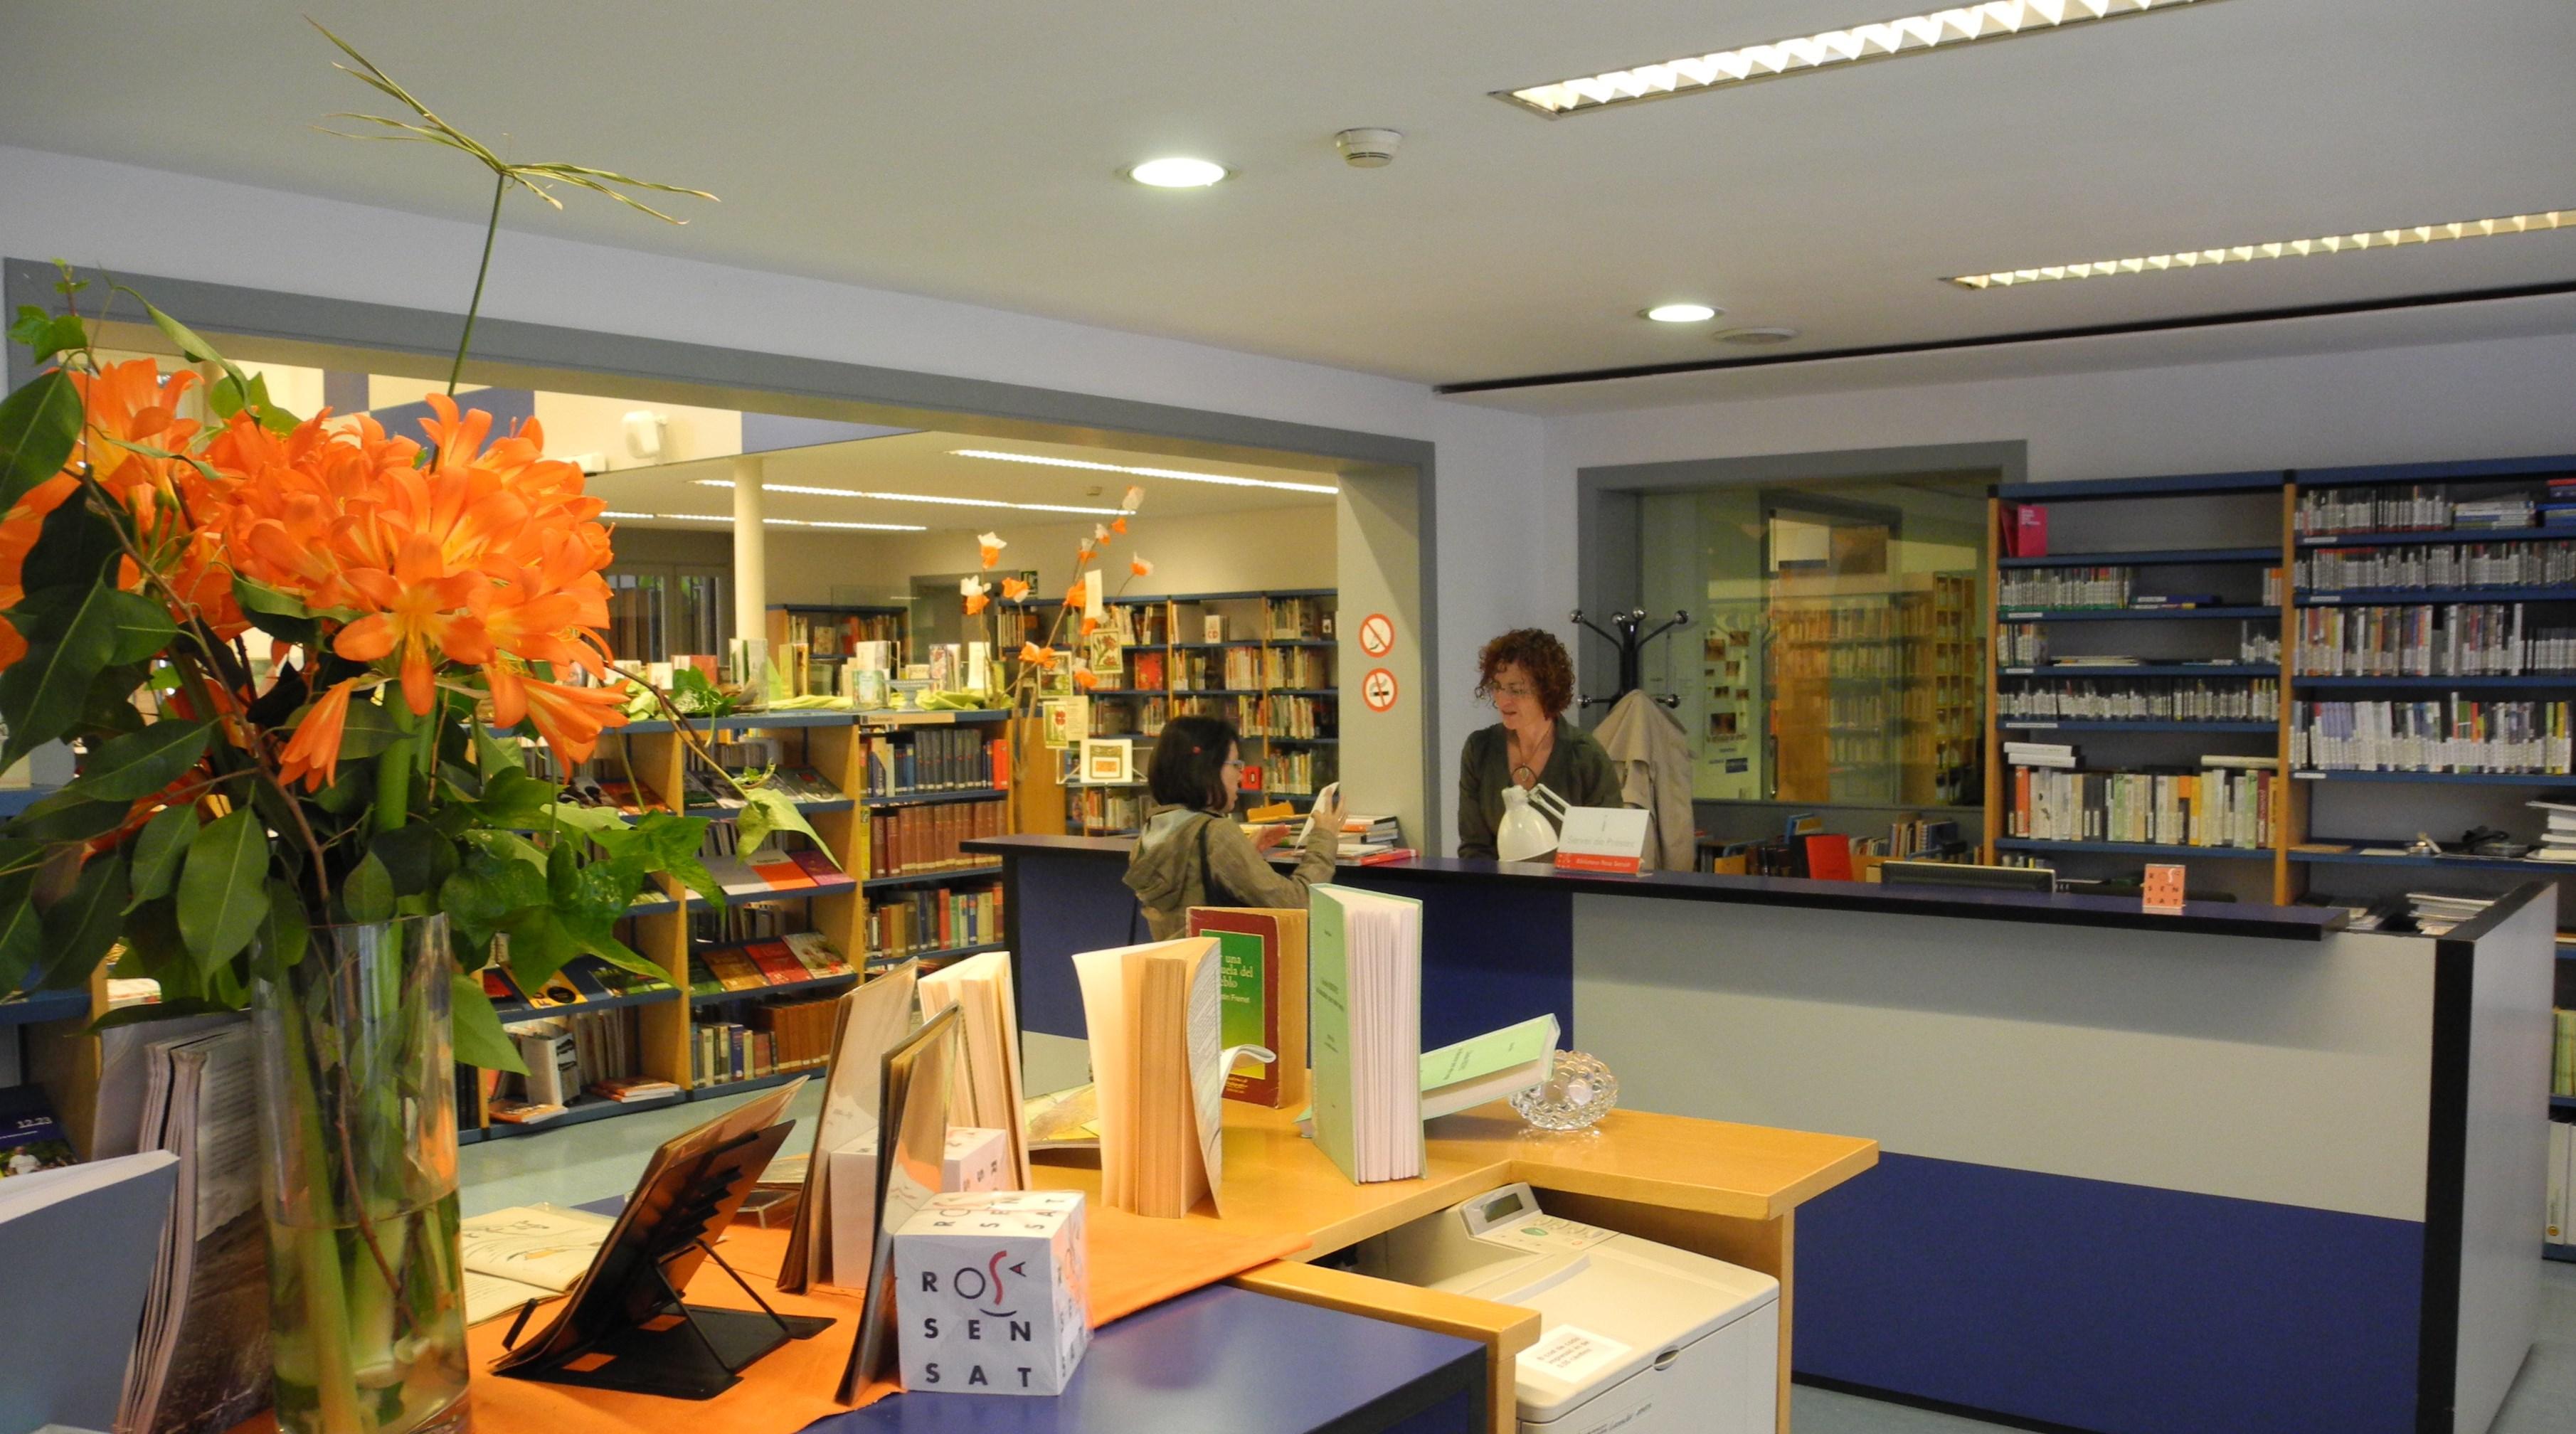 Taulell de la Biblioteca Rosa Sensat